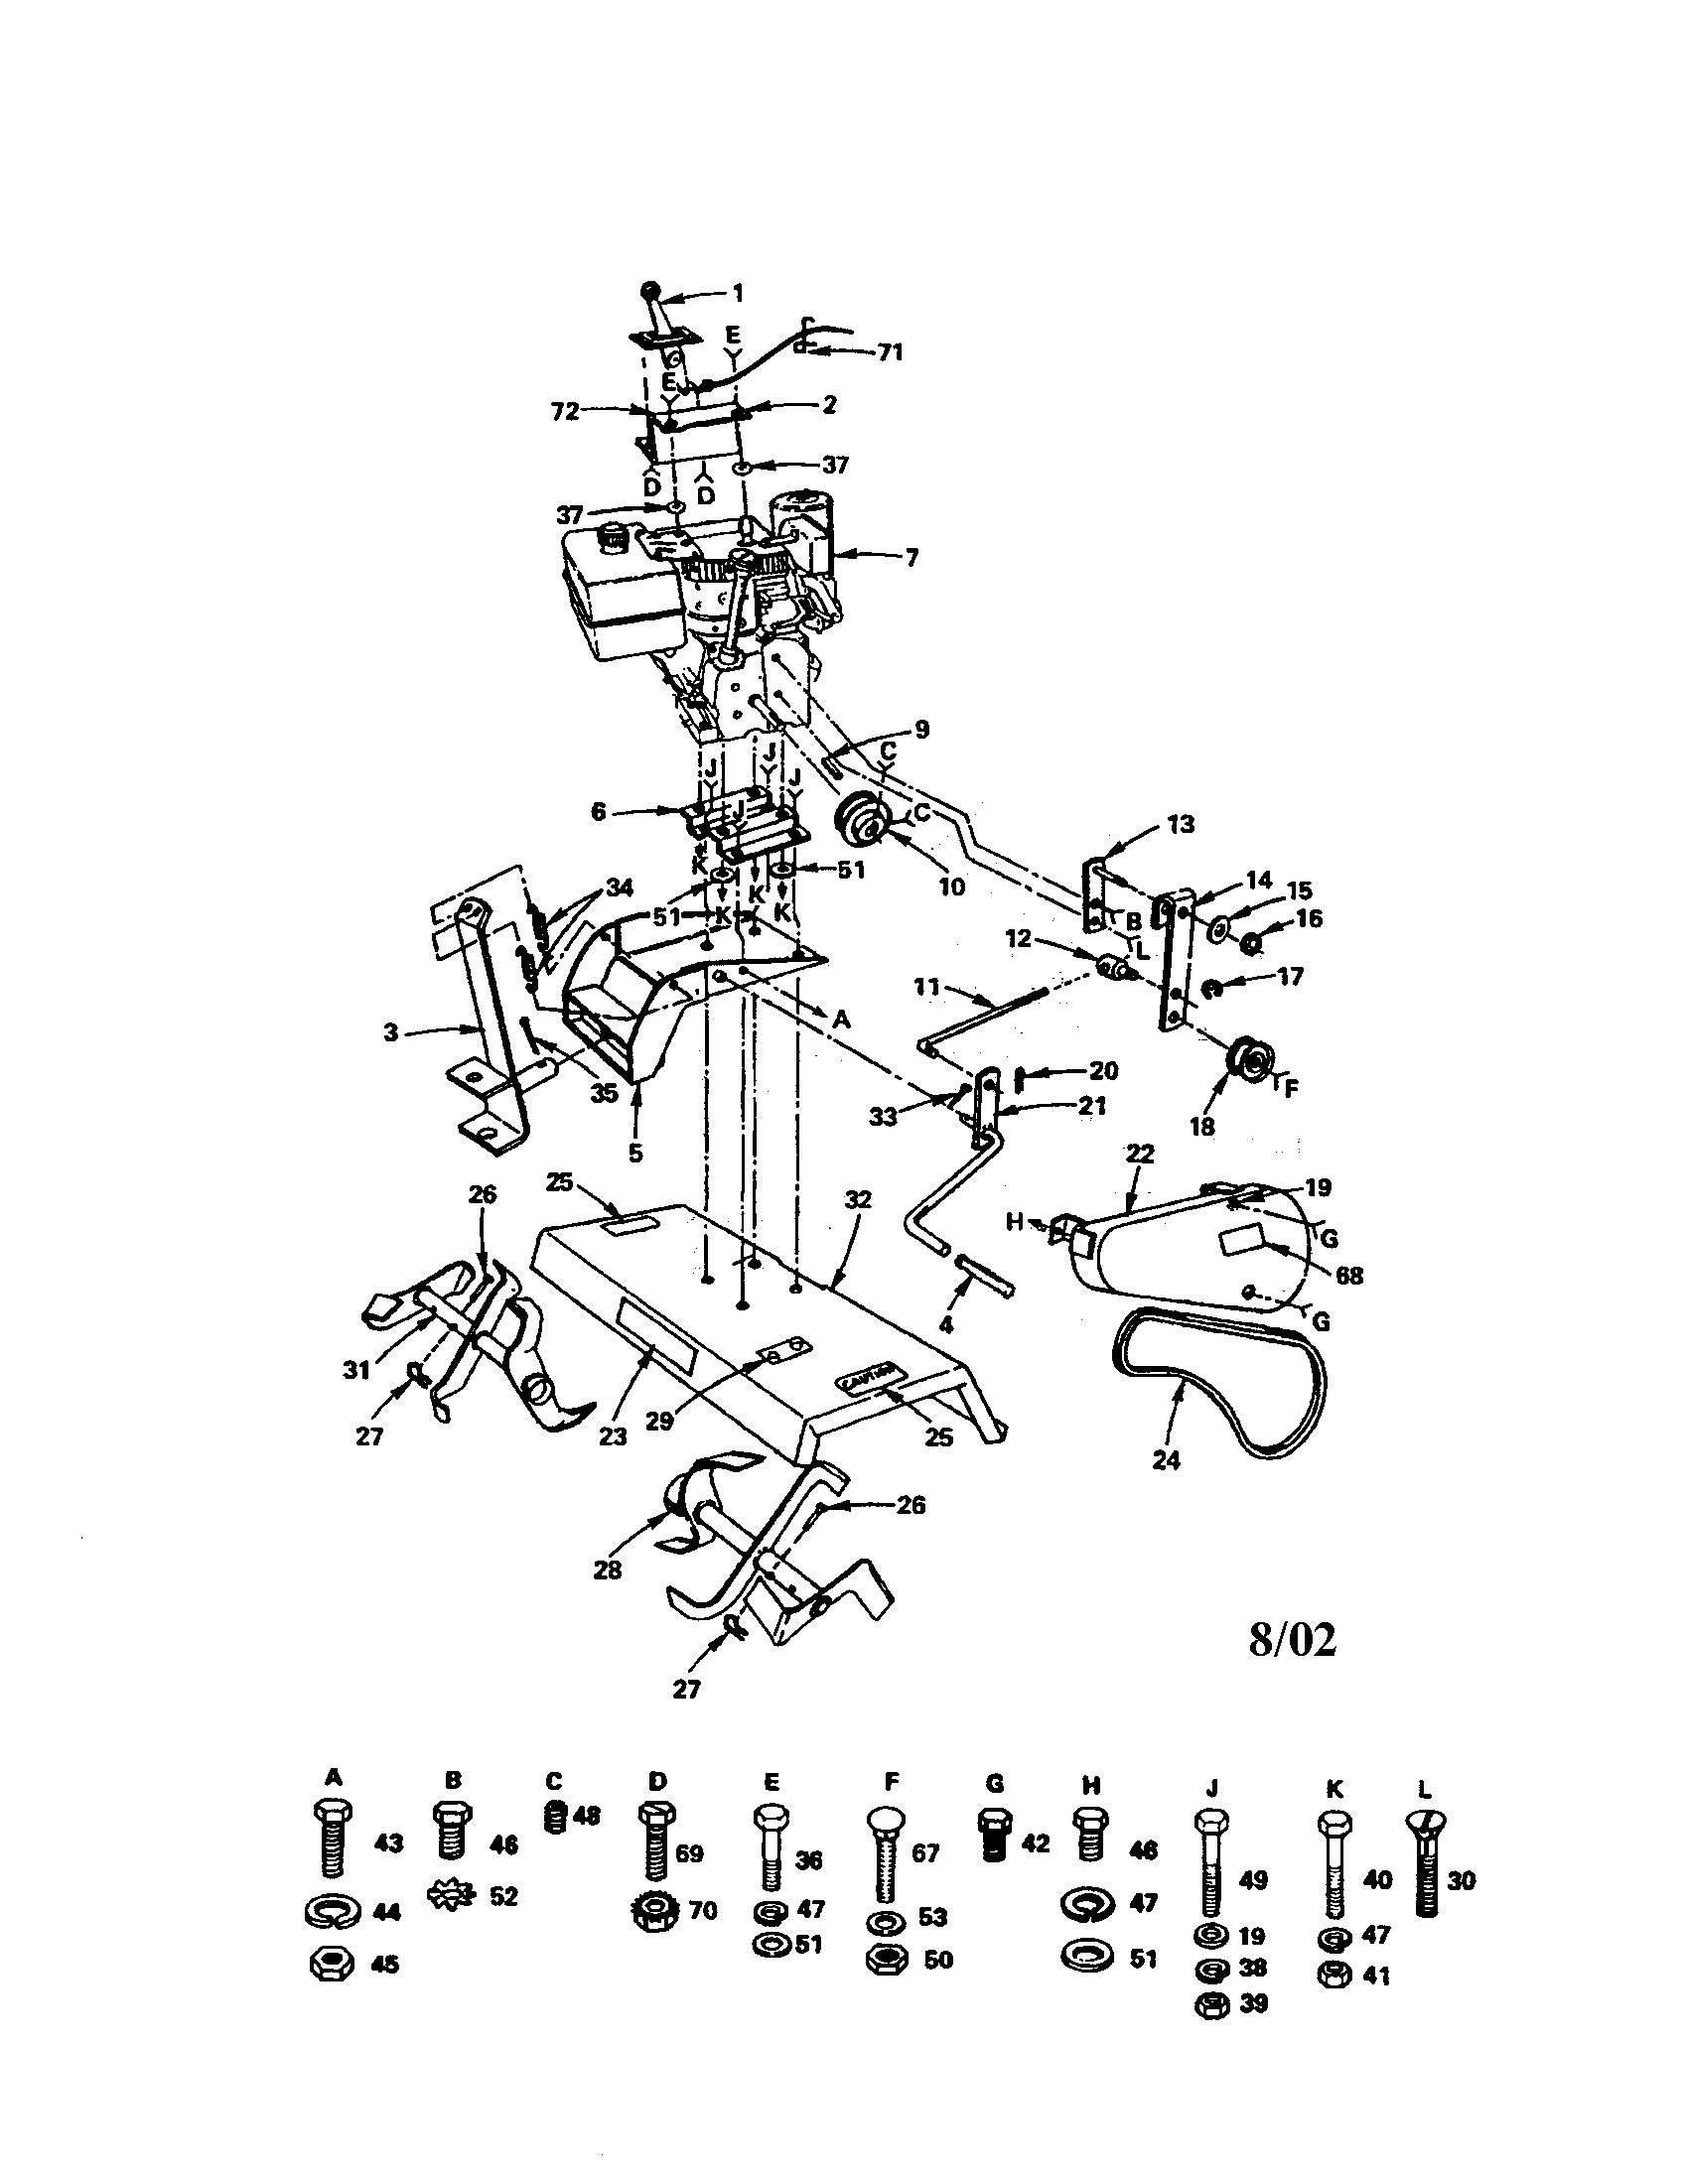 jacuzzi j 335 parts manual